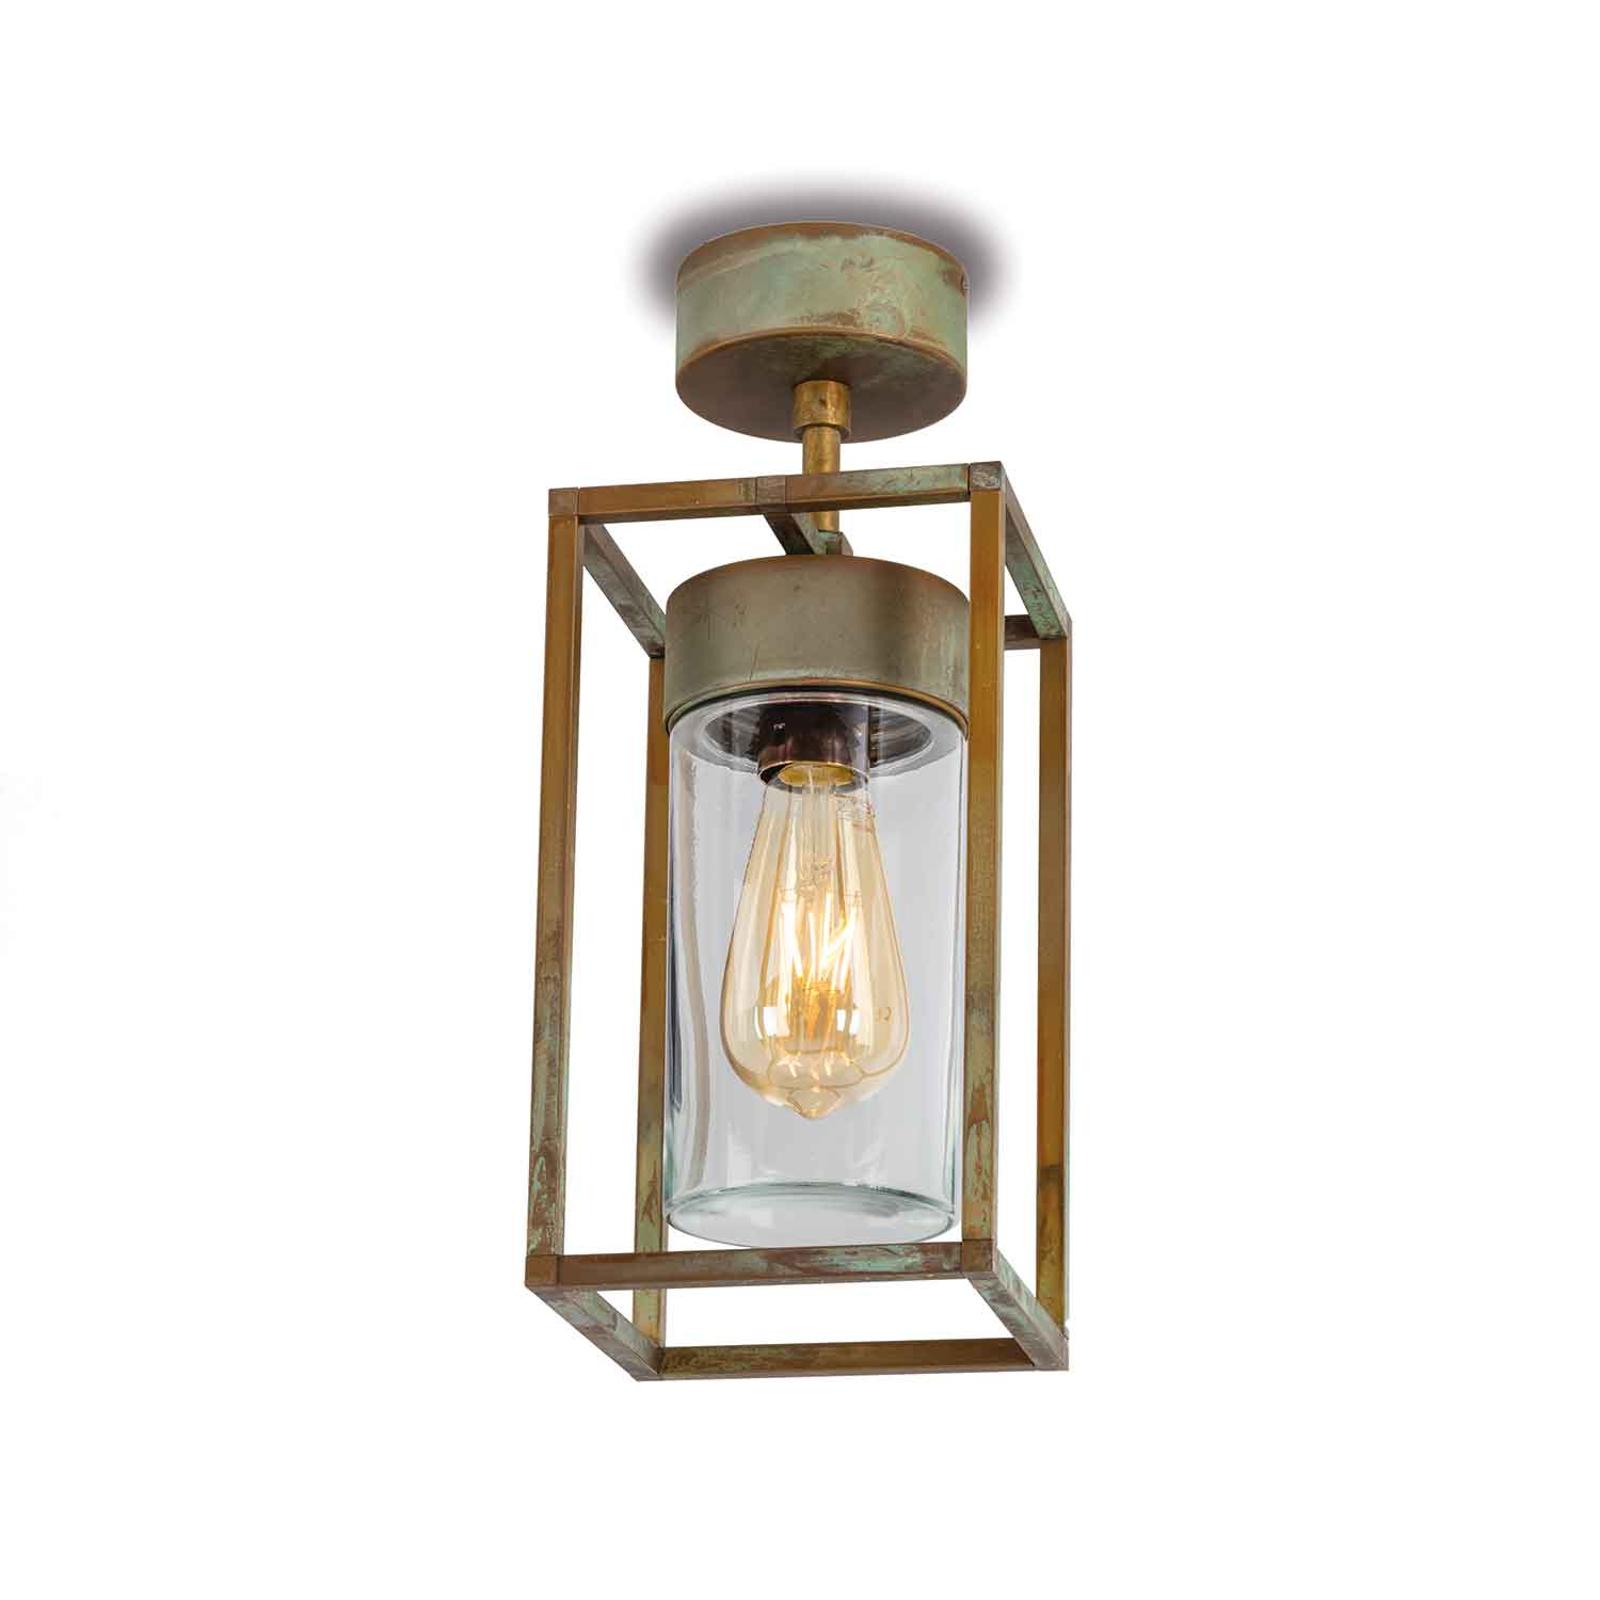 Lampa sufitowa Cubic³ 3367 mosiądz przezroczysta